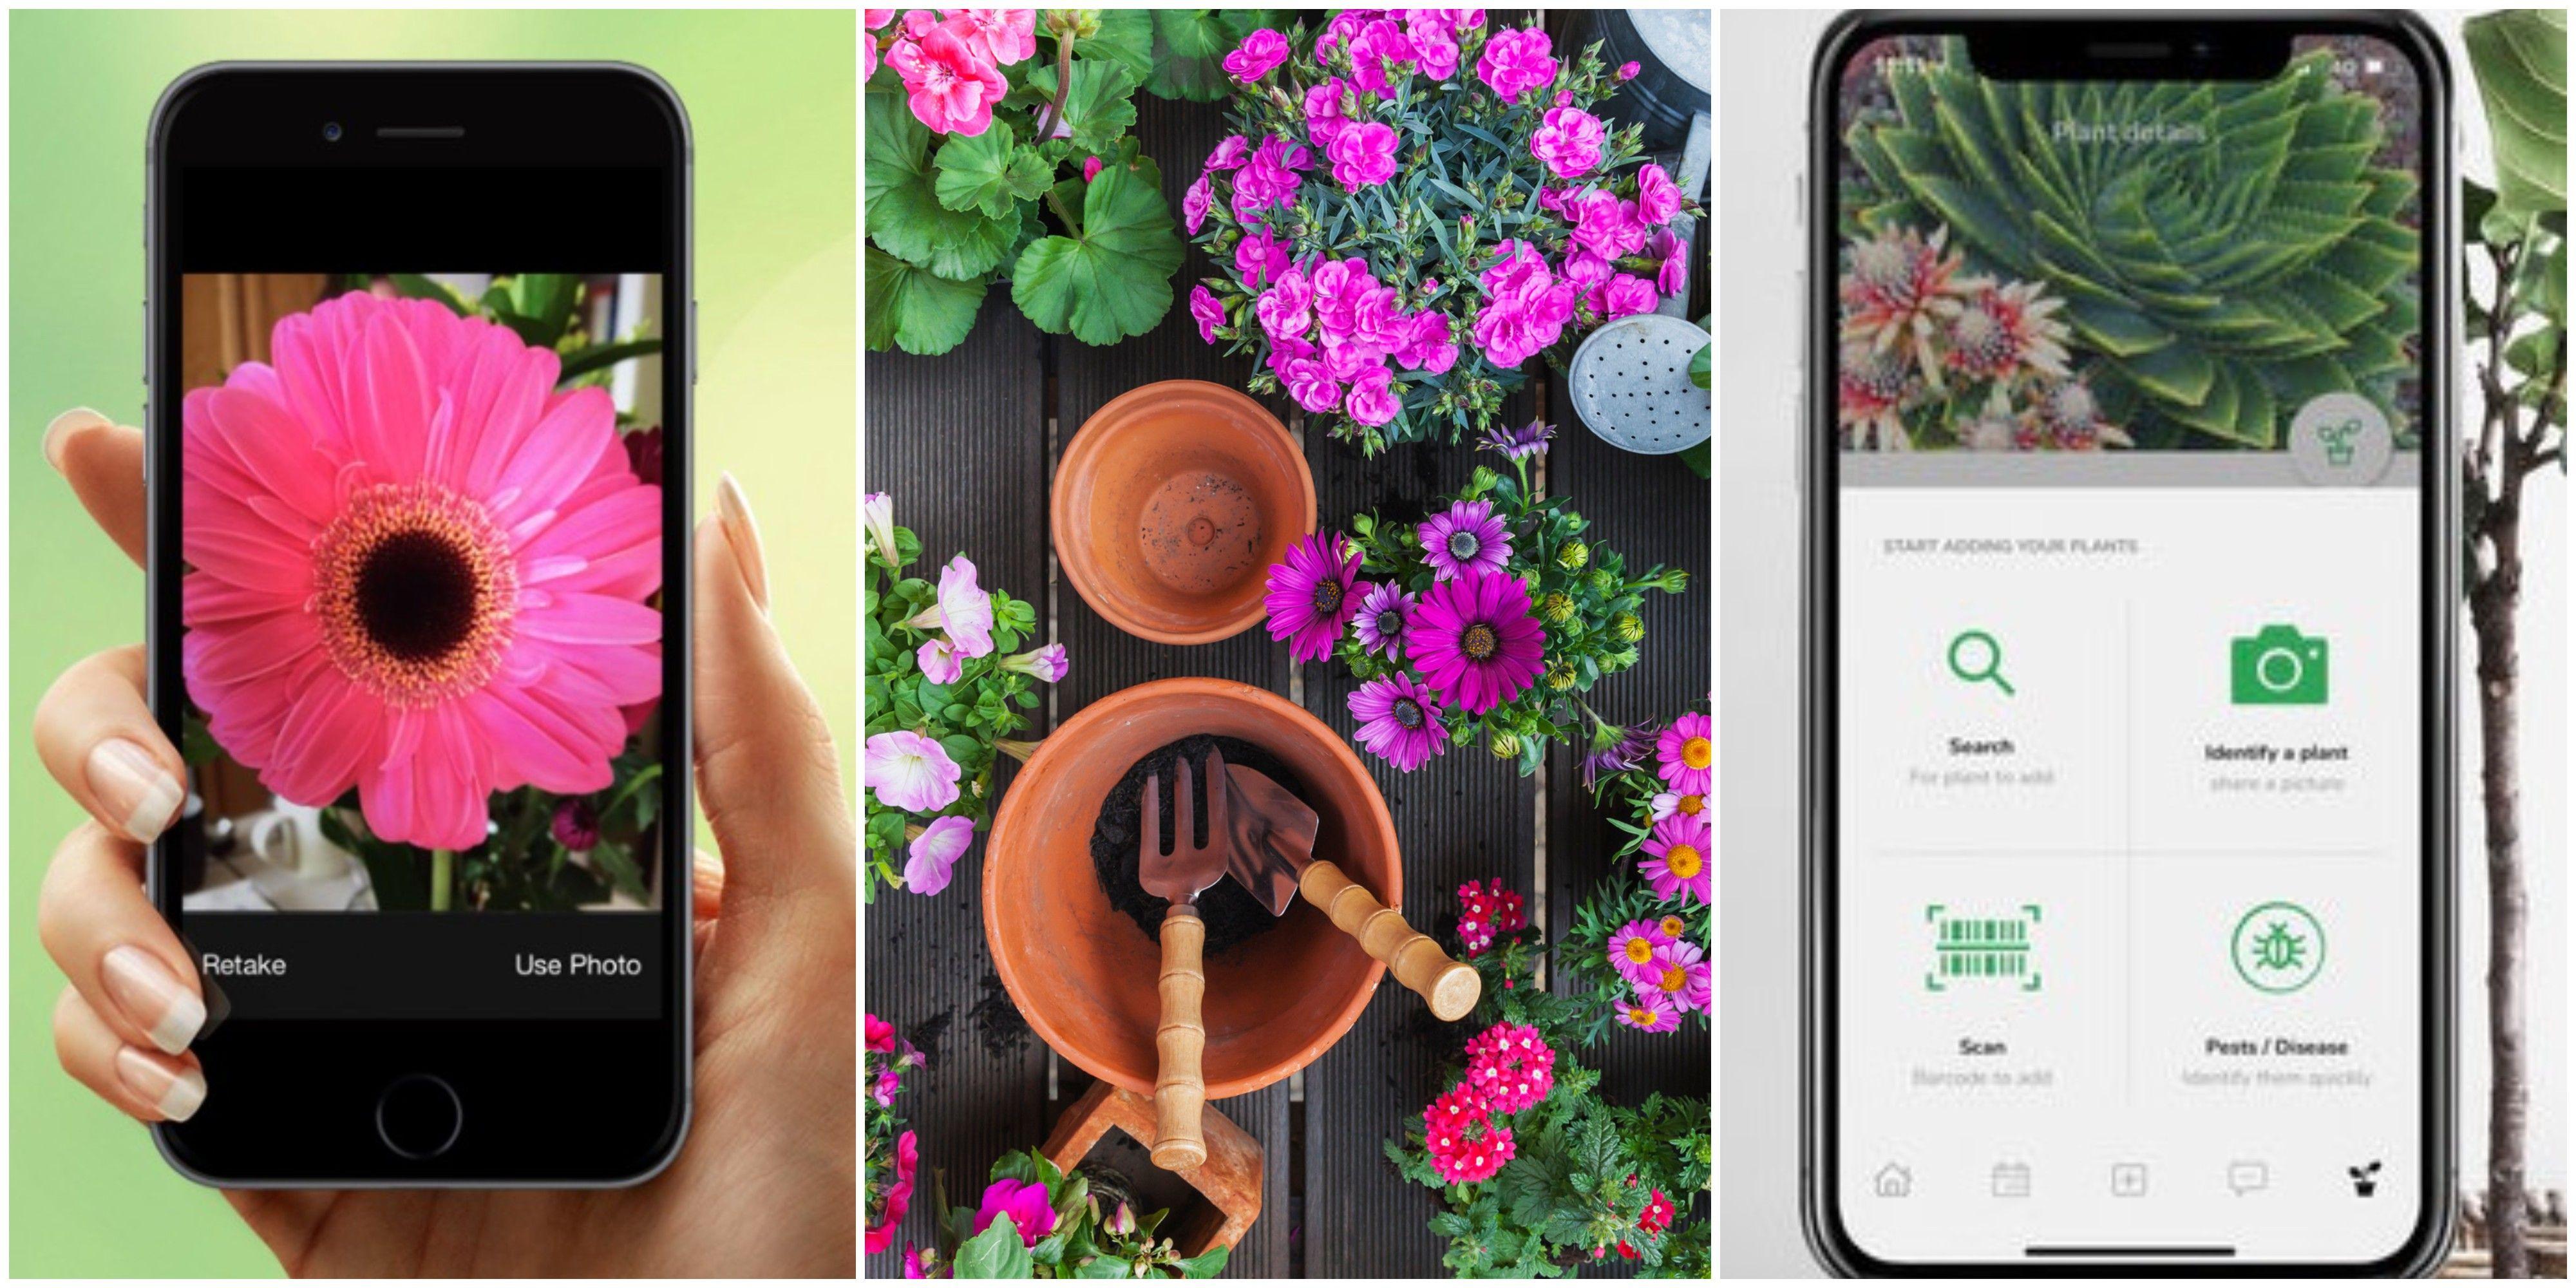 10 Top Gardening Apps To Download Now – Best Gardening Apps